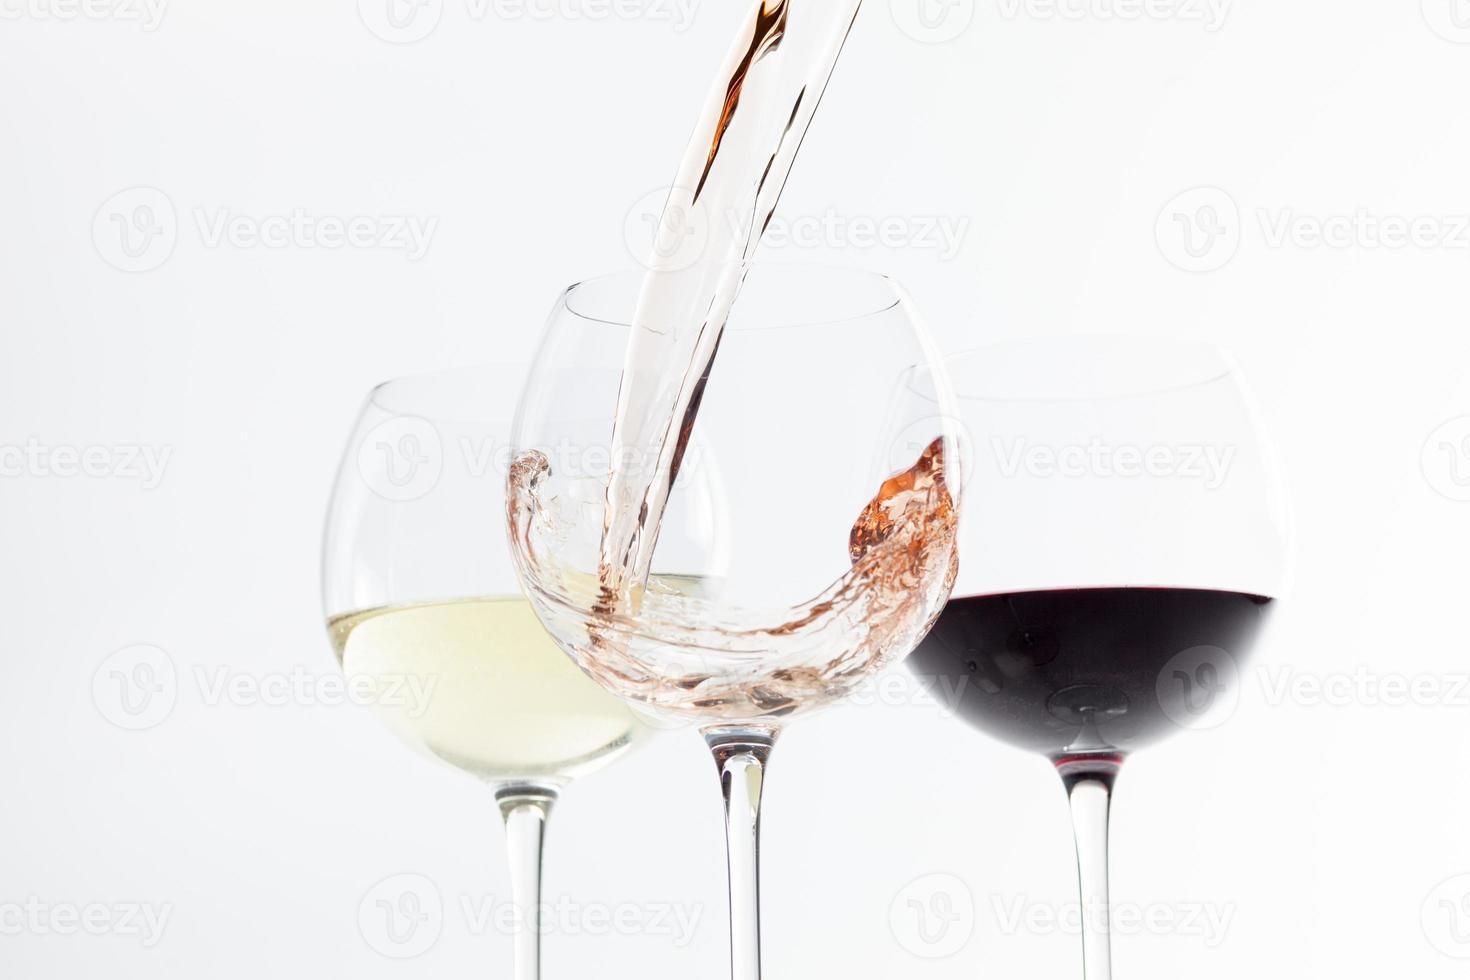 bicchieri di vino su sfondo bianco foto